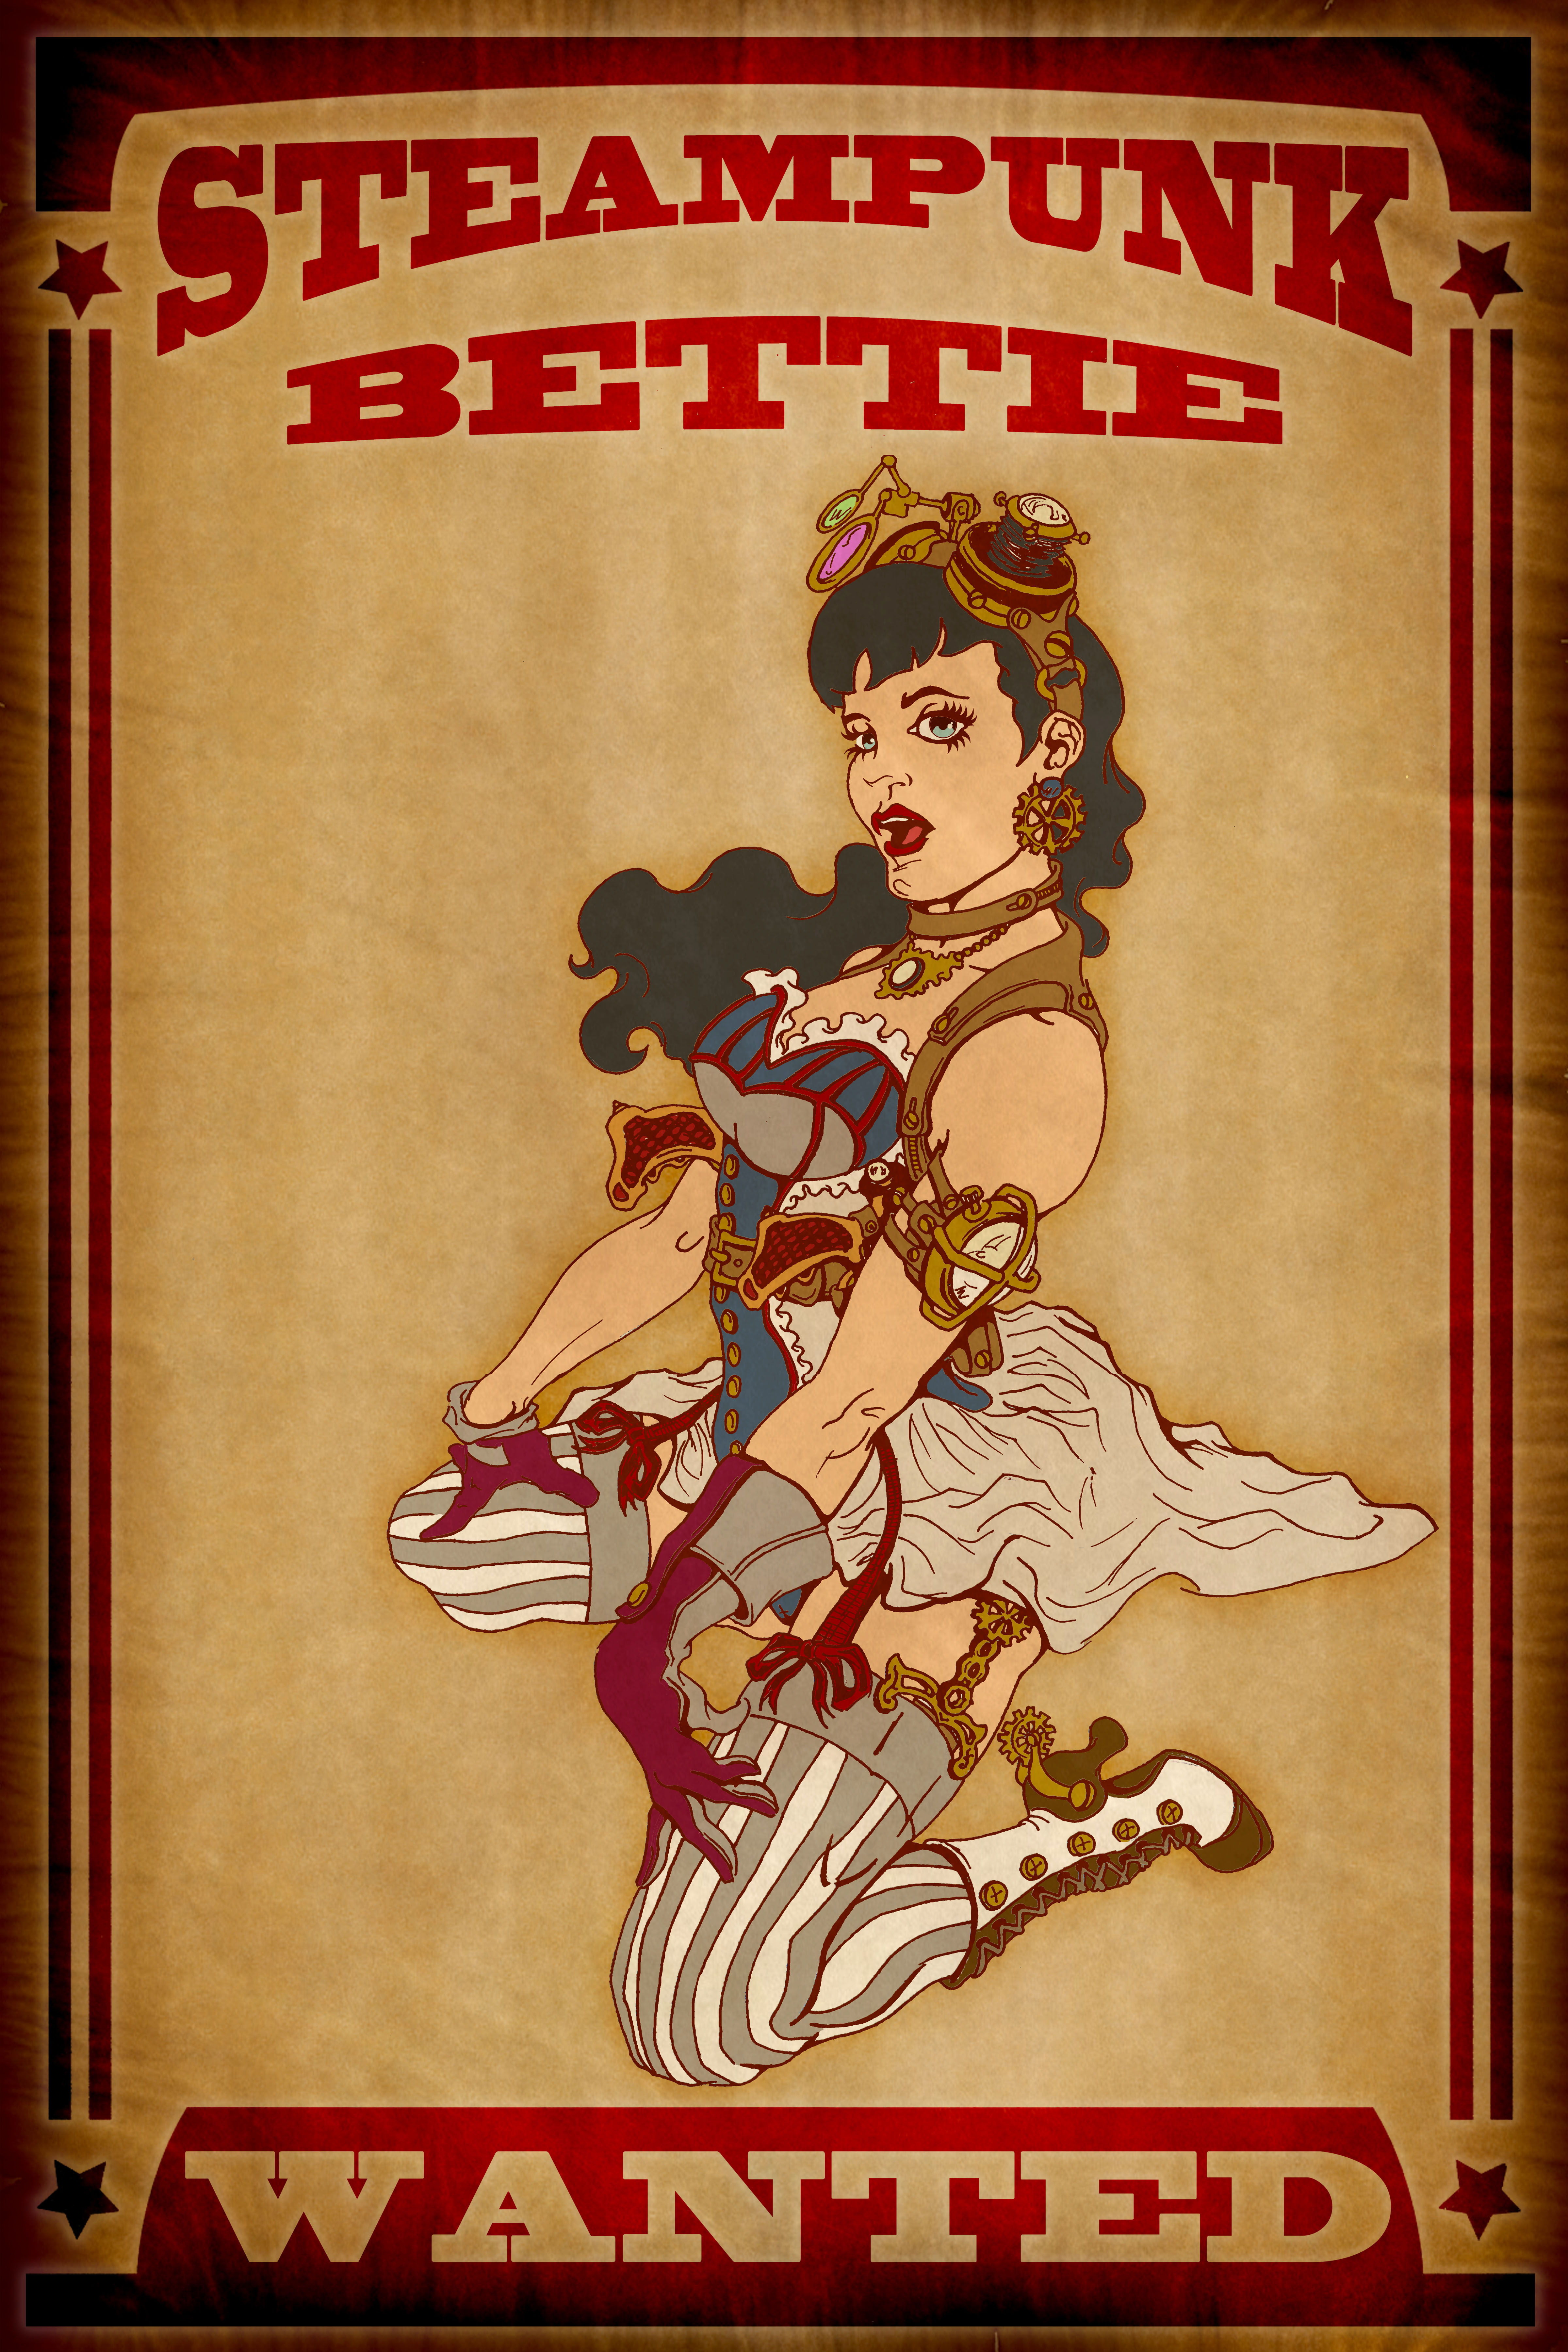 Steampunk Bettie by jEANd-mICHEL